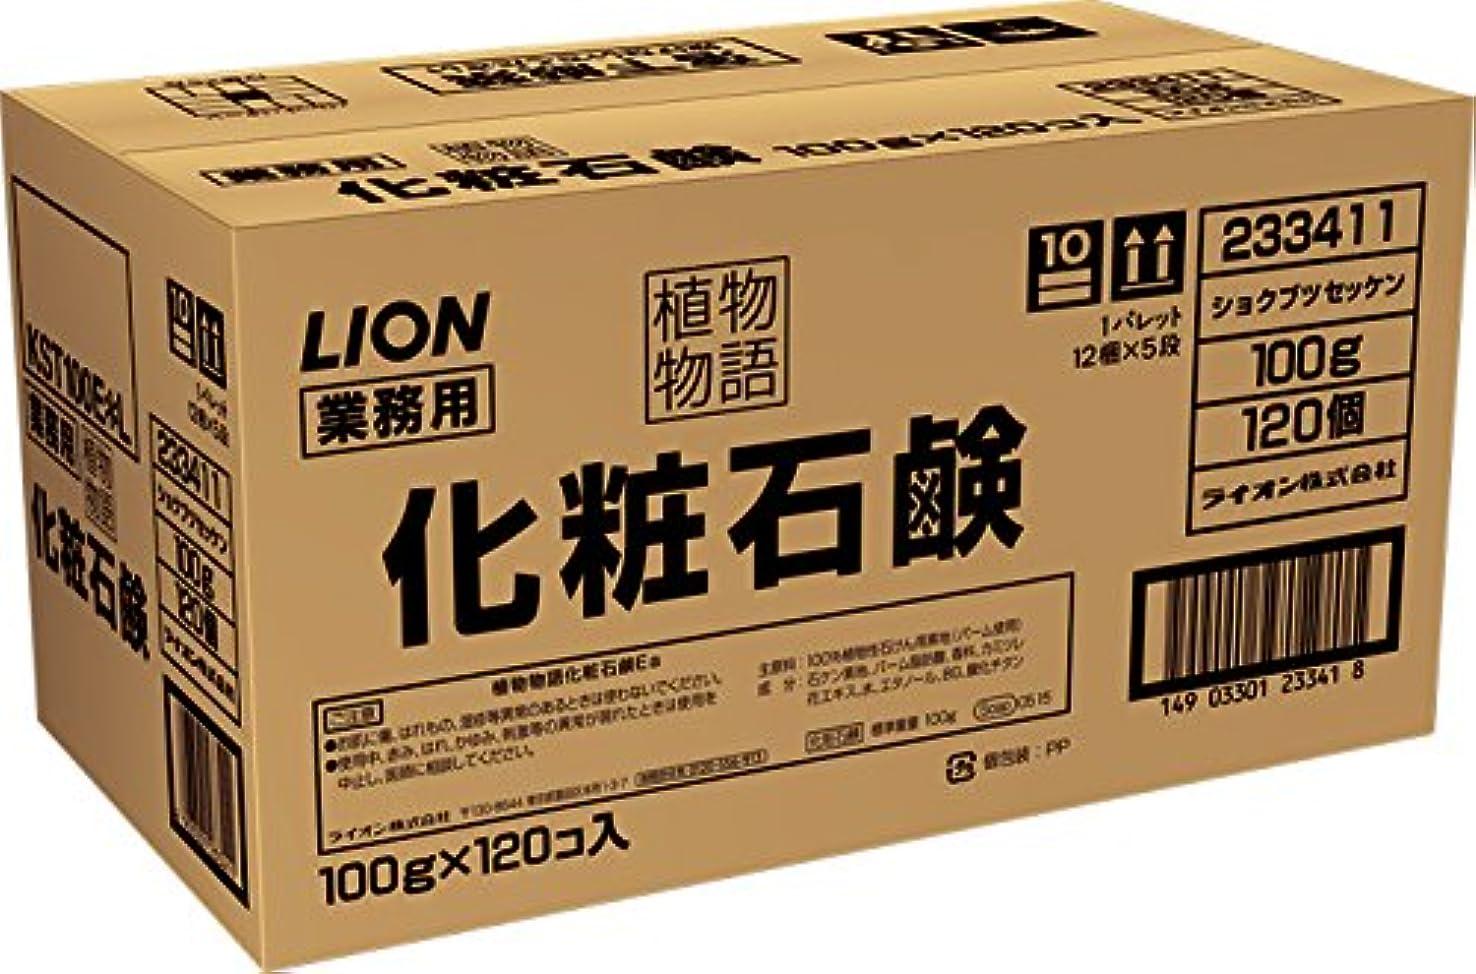 ウール寝る適用済みライオン 業務用石鹸 植物物語 100g×120個入